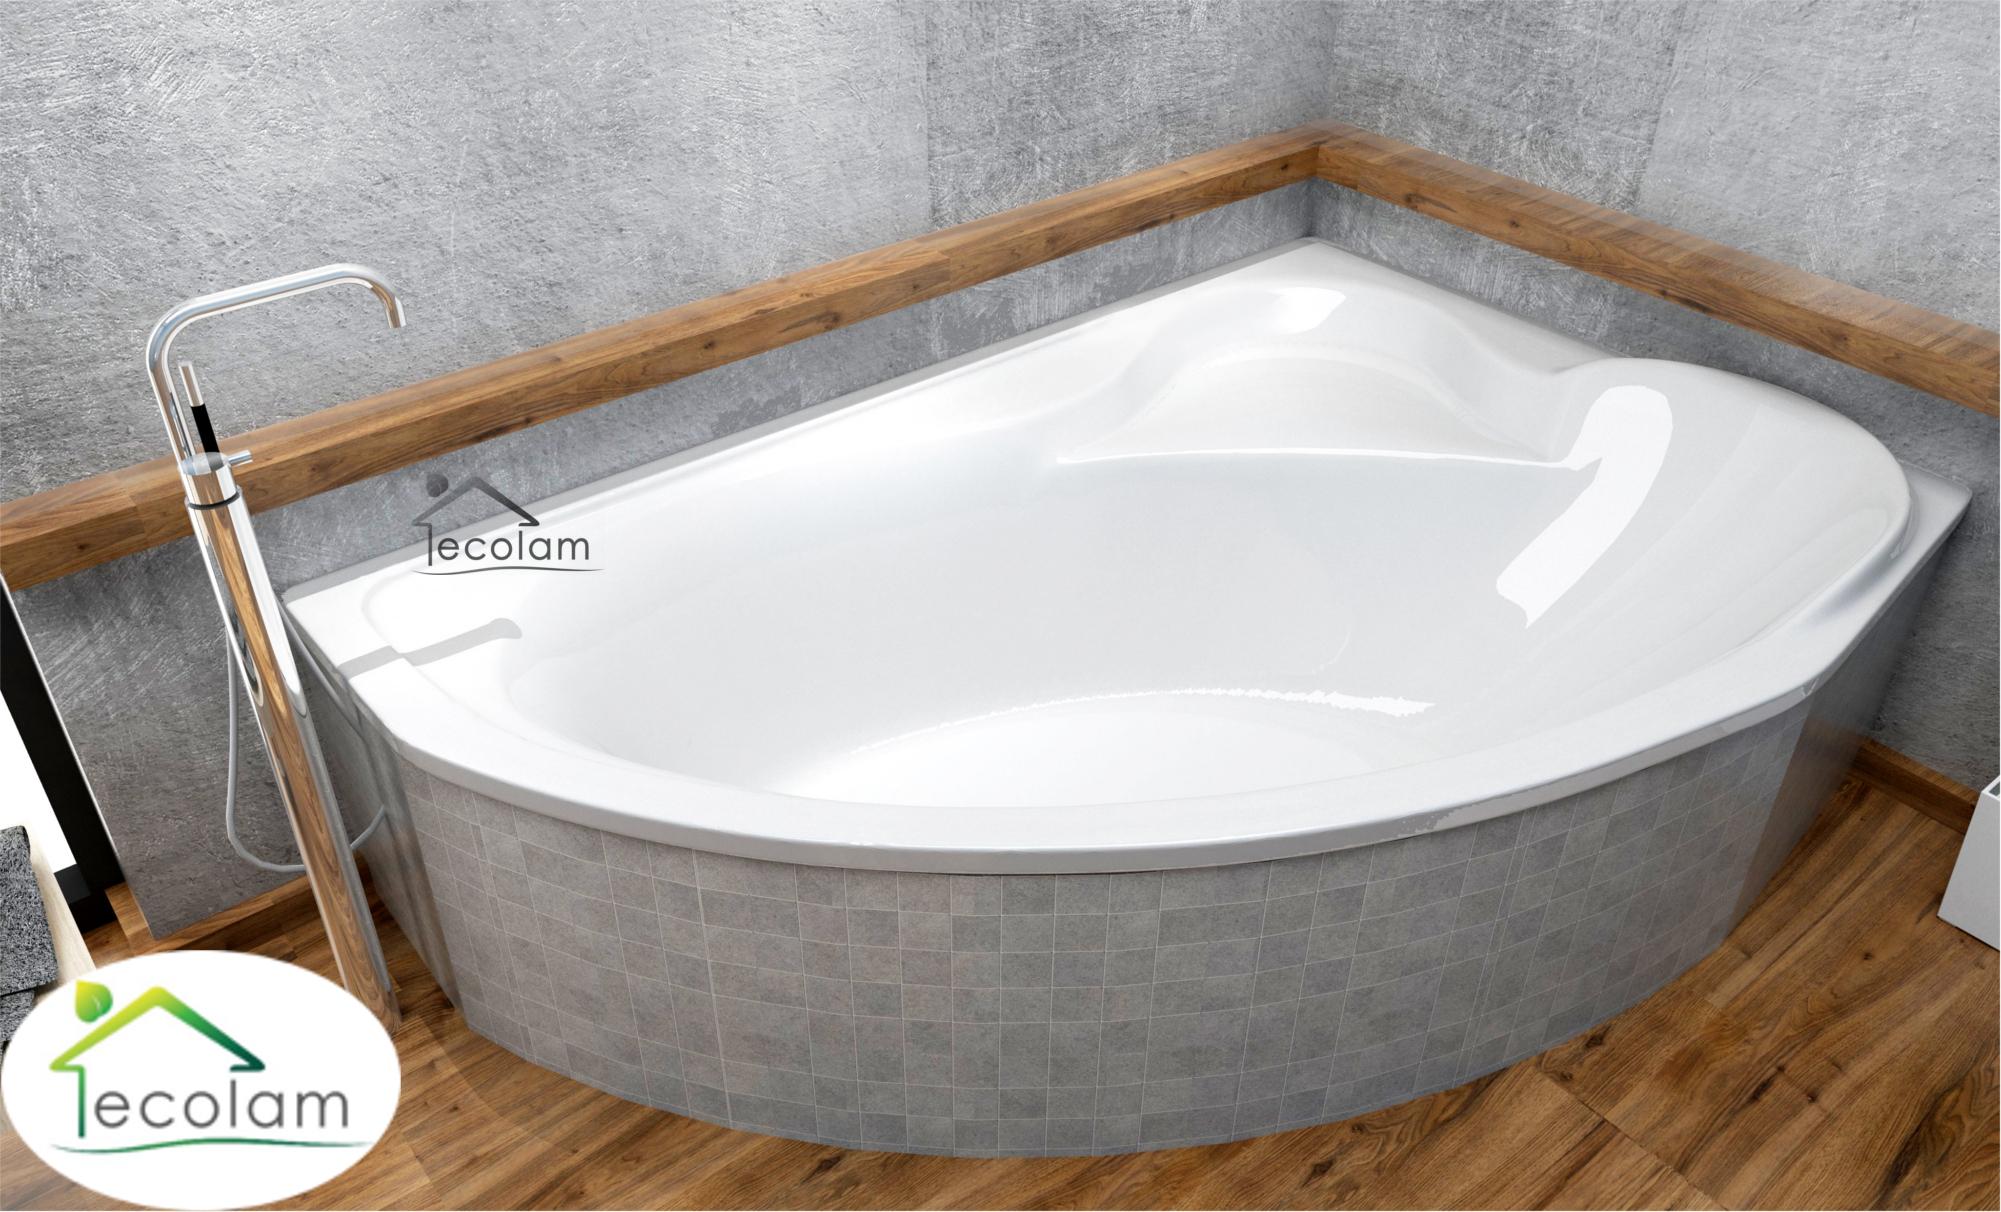 badewanne eckbadewanne acryl ablauf 166 x 107 cm ohne mit wannentr ger rechts ebay. Black Bedroom Furniture Sets. Home Design Ideas